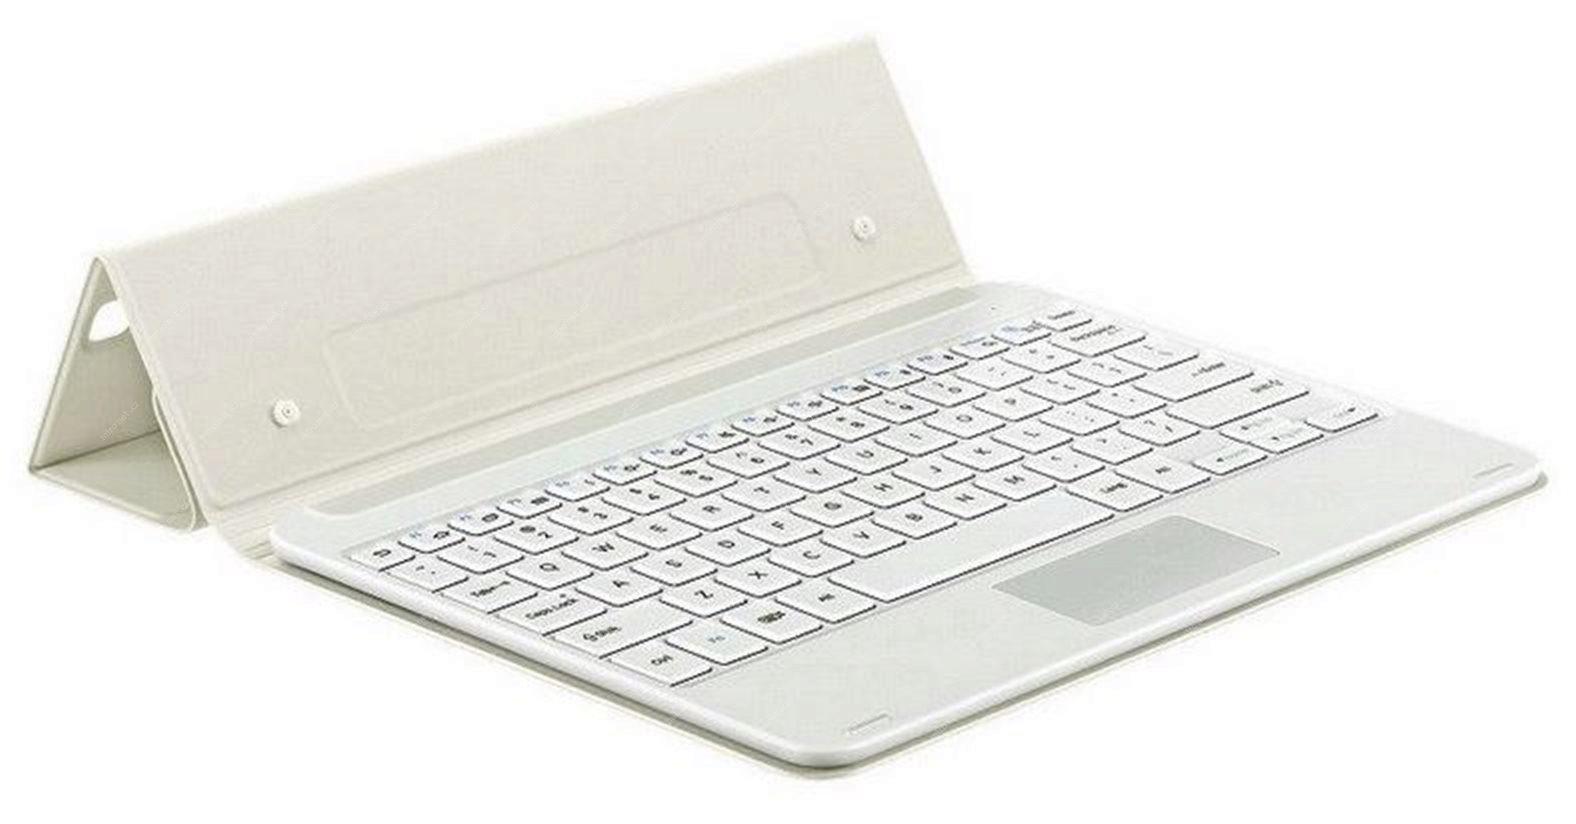 63690641 - SAMSUNG polohovací pouzdro s Bluetooth klávesnicí pro SAMSUNG  Galaxy Tab S2 (9.7